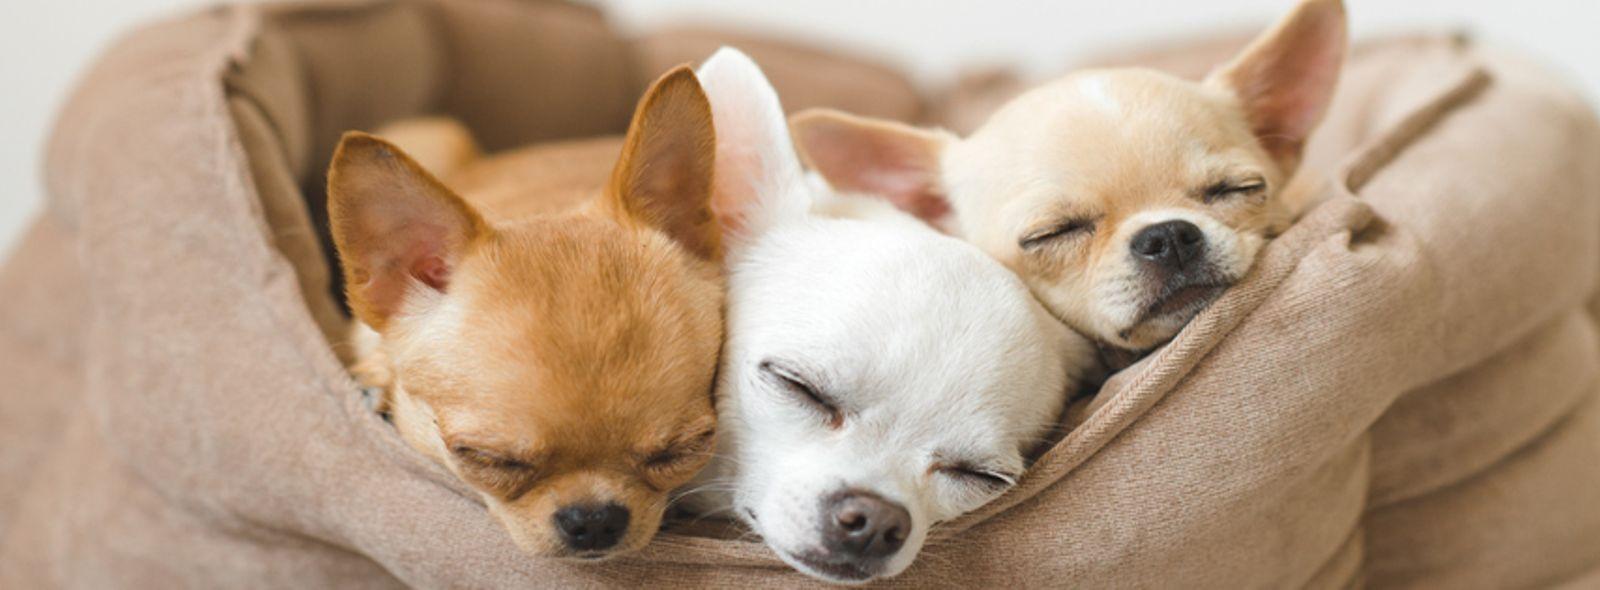 Cuccia per cani da interno fai da te - Cuccia per cani interno ...